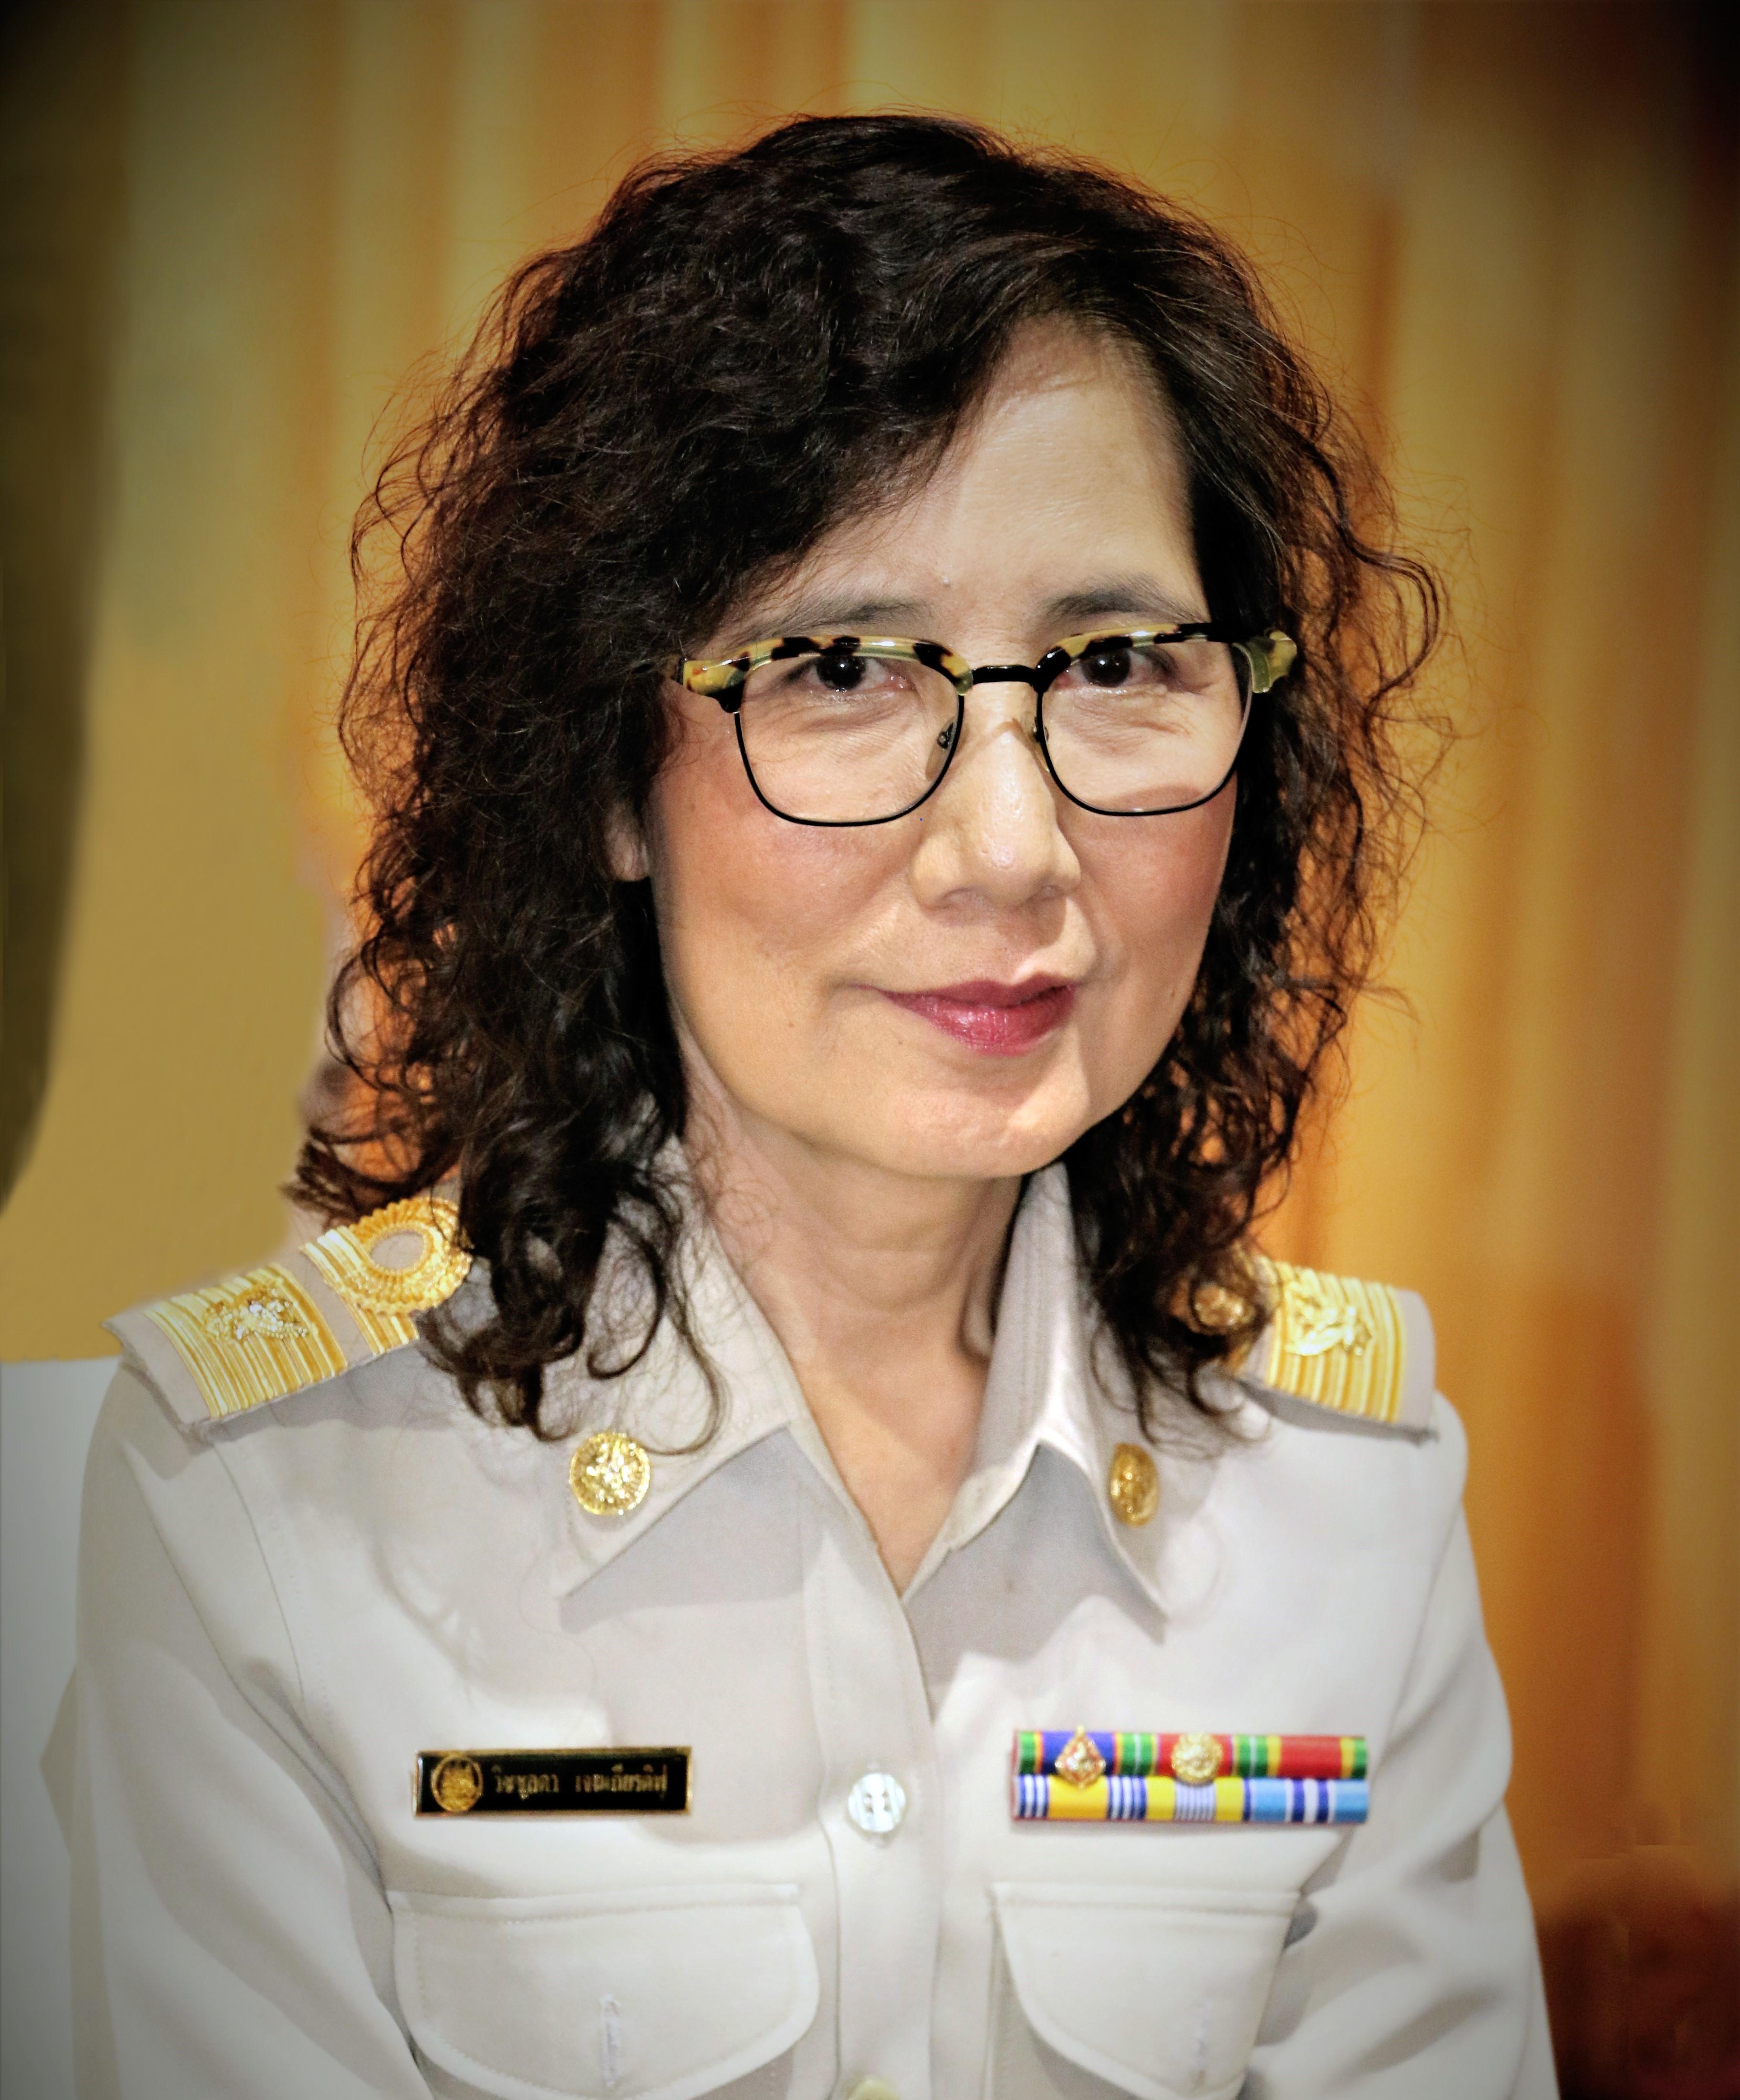 นางวิชชุลดา เจนเกียรติฟู